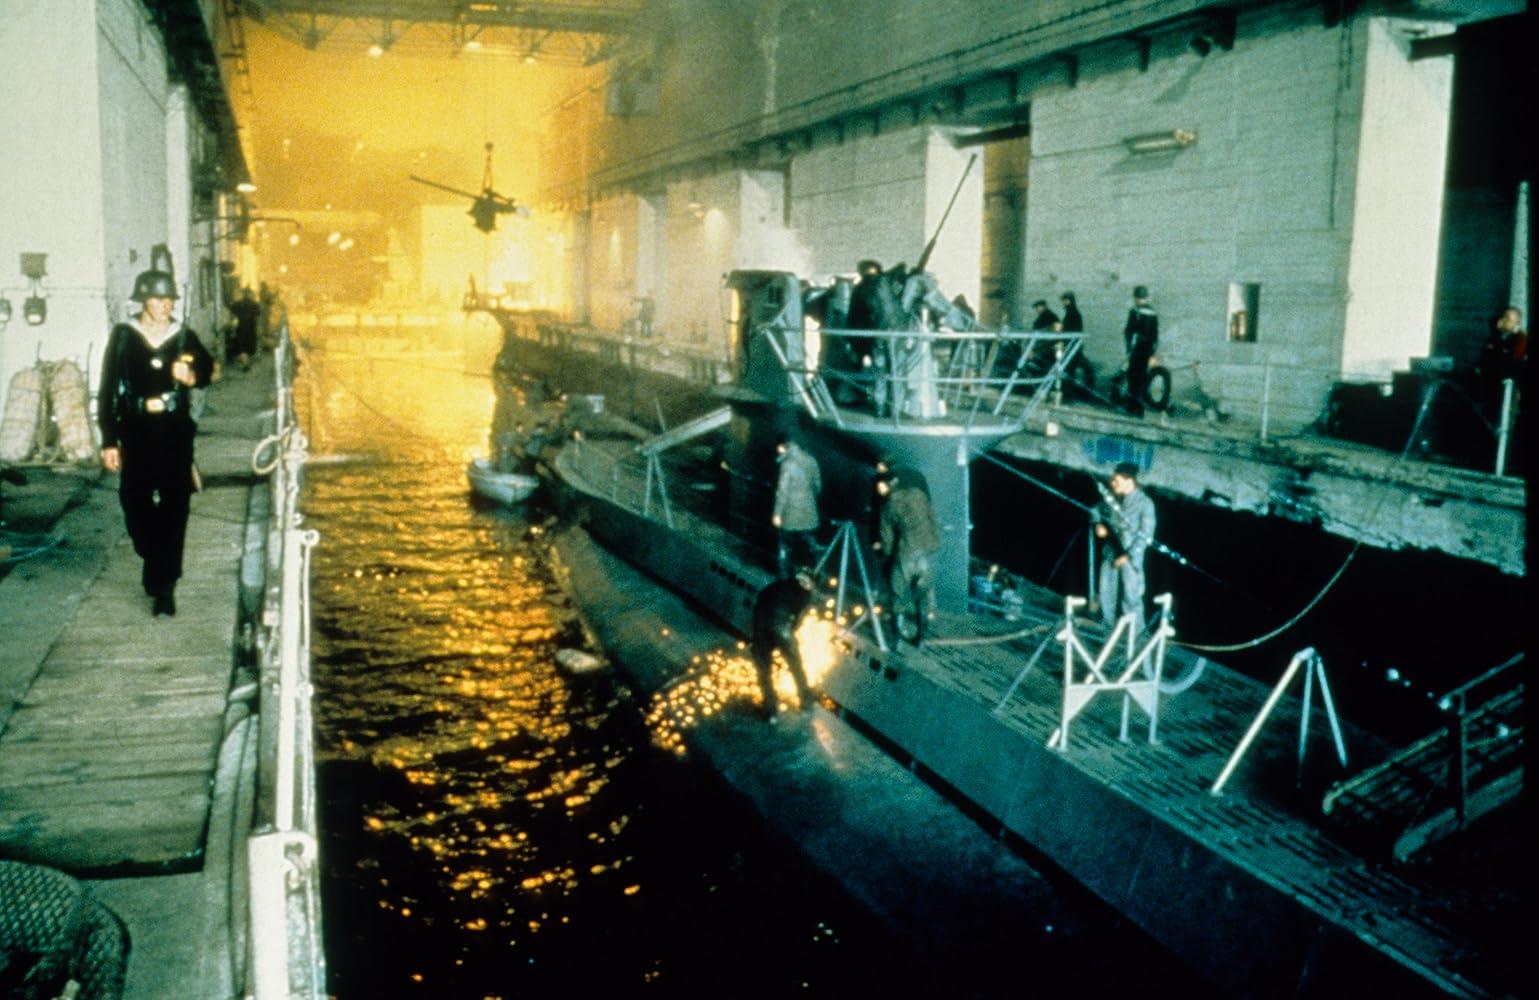 Sccene inside U-Boat pens